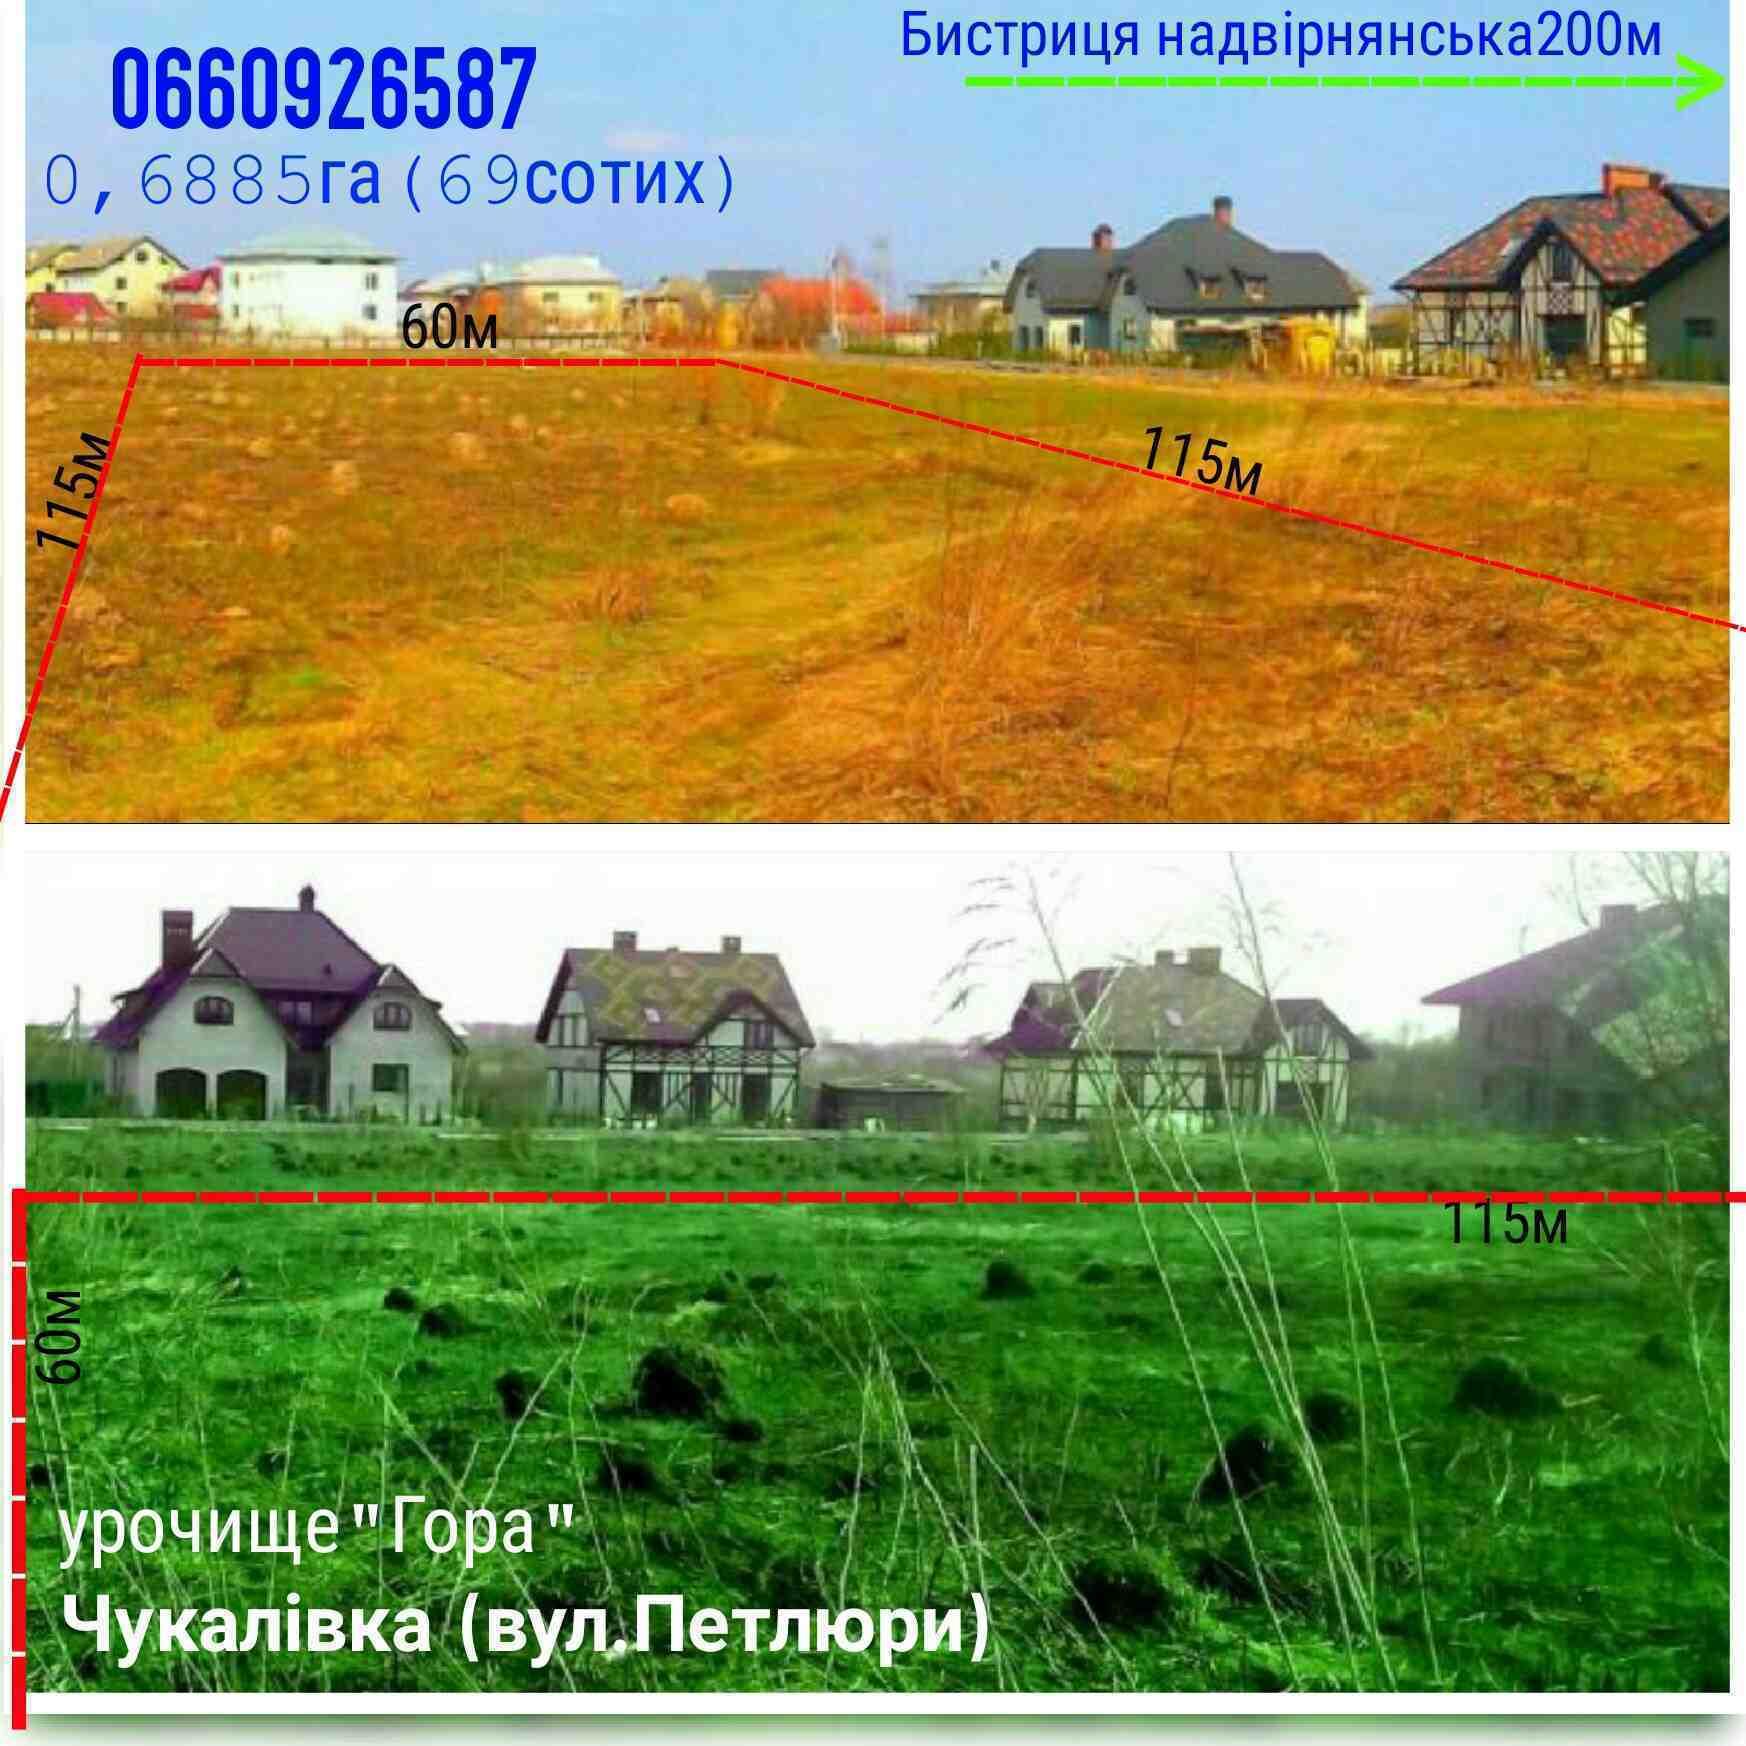 Земельна ділянка під Івано-Франківськом обмін продаж, зображення 1